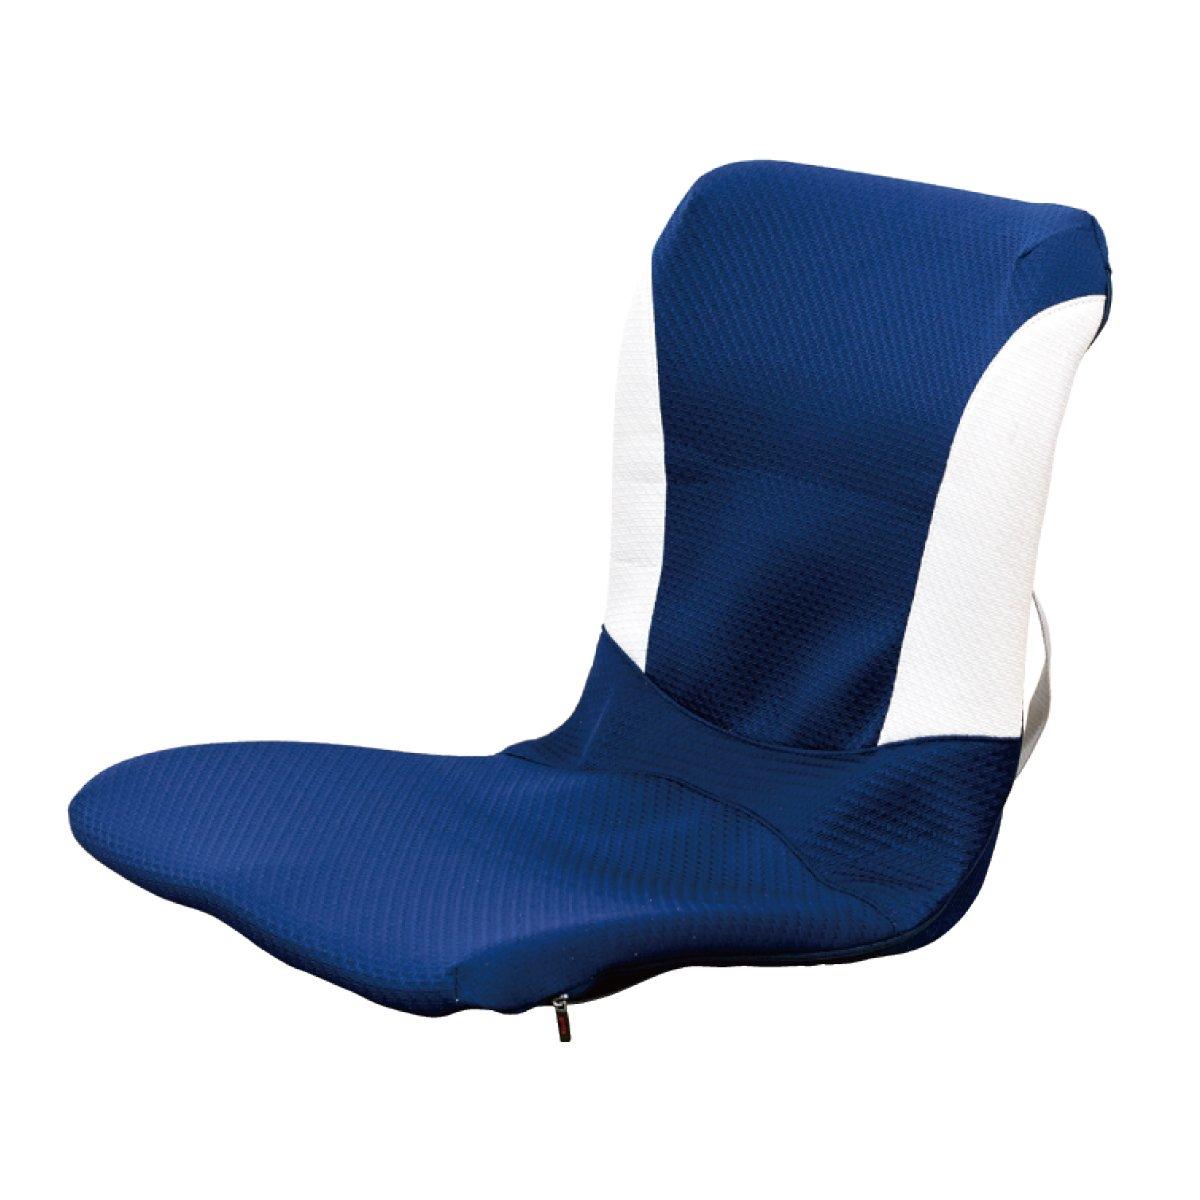 【期間限定特価】 p!nto Air(ピントエアー)もっと持ち運びに便利になった正しい姿勢習慣クッション(pinto Air)[blue] p!nto B077G7JVWP B077G7JVWP, ロータスパーツセンター:4d54c375 --- a0267596.xsph.ru